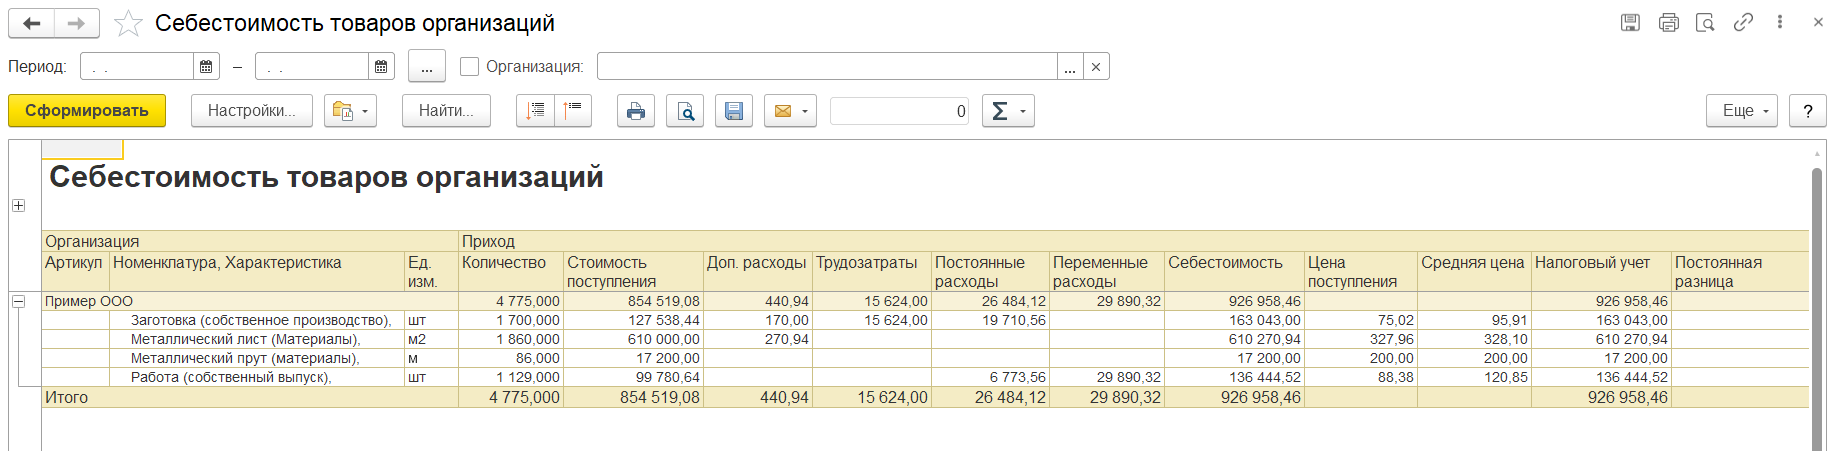 1С Комплексная автоматизация 2 и ERP 2: отчет «Себестоимость товаров организаций», детализация себестоимости по типам расходов в колонках